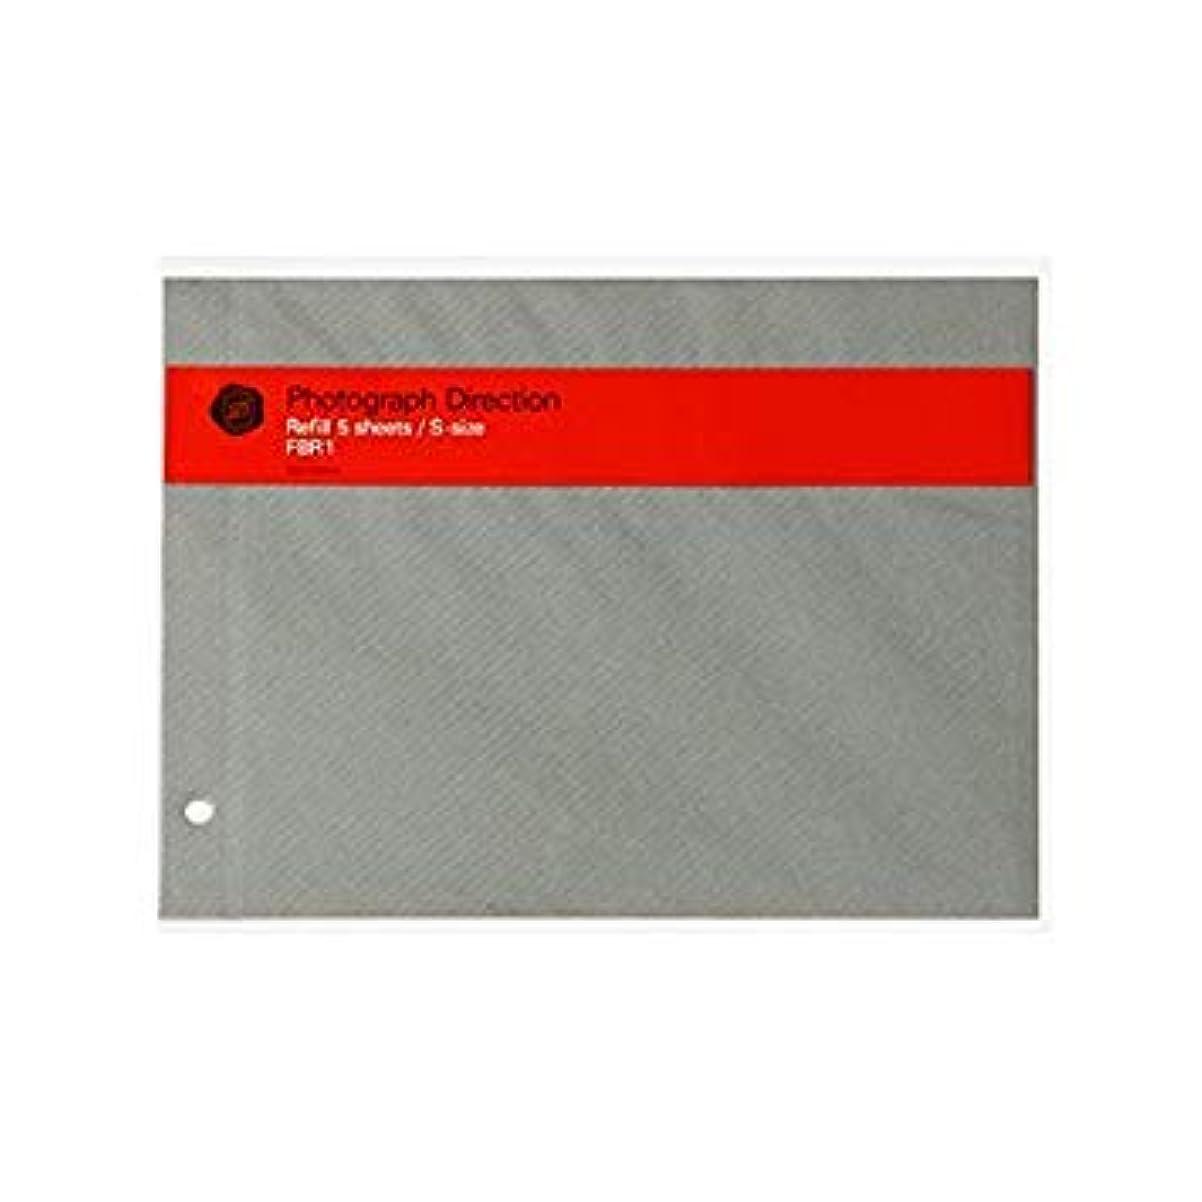 コードレス密輸行為デルフォニックス フォトアルバム リフィル [PDフォトアルバムリングS対応] PD 粘着式 日本製 (L判x写真10枚分) (横162×縦120mm) グレー FBR1-GY